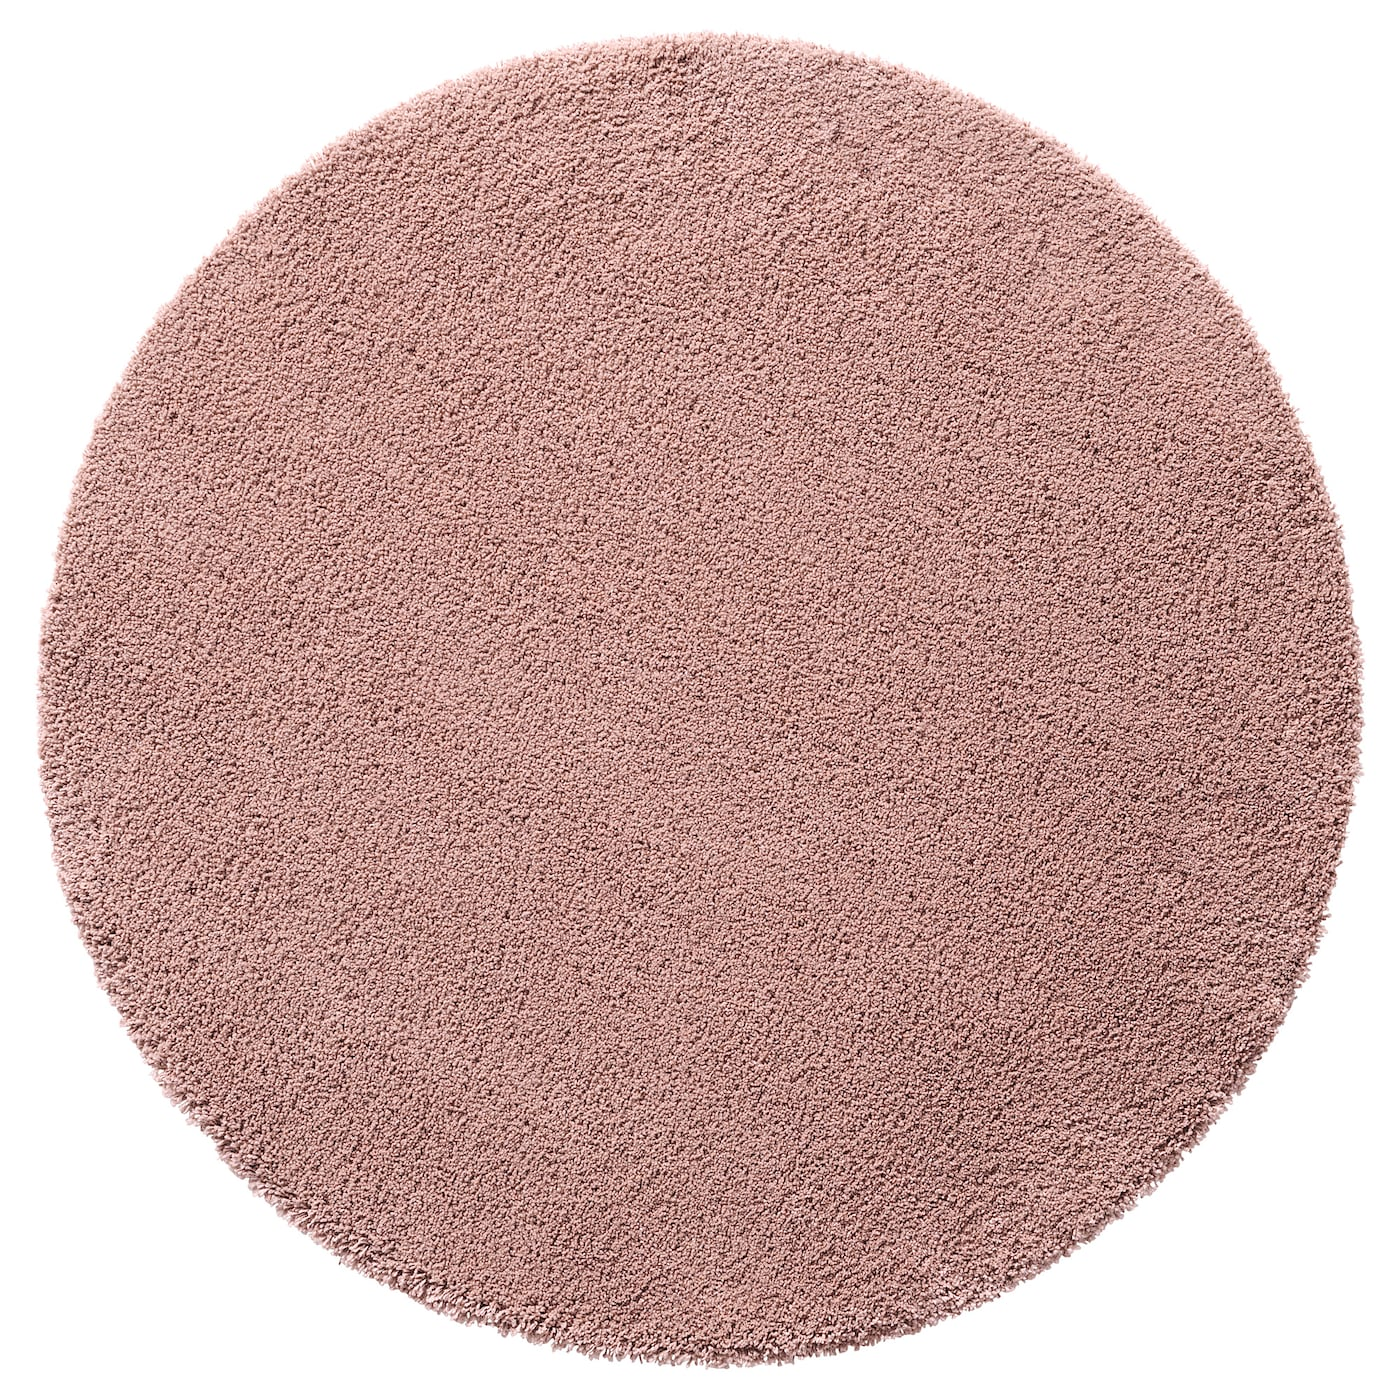 Alfombras textil para el hogar compra online ikea - Alfombra adum ikea ...